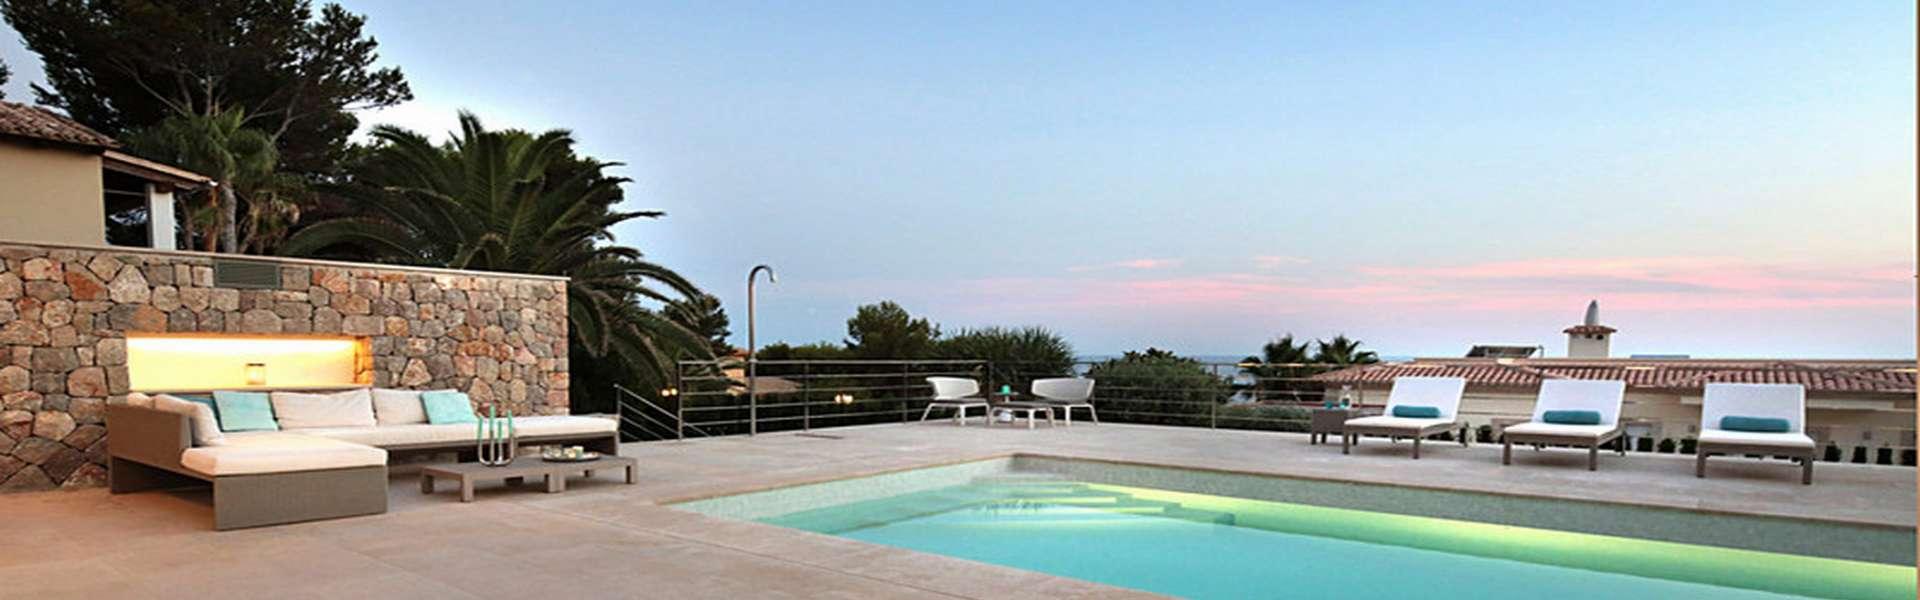 Santa Ponsa/Nova Santa Ponsa - Elegante villa con vista al mar en una ubicación privilegiada